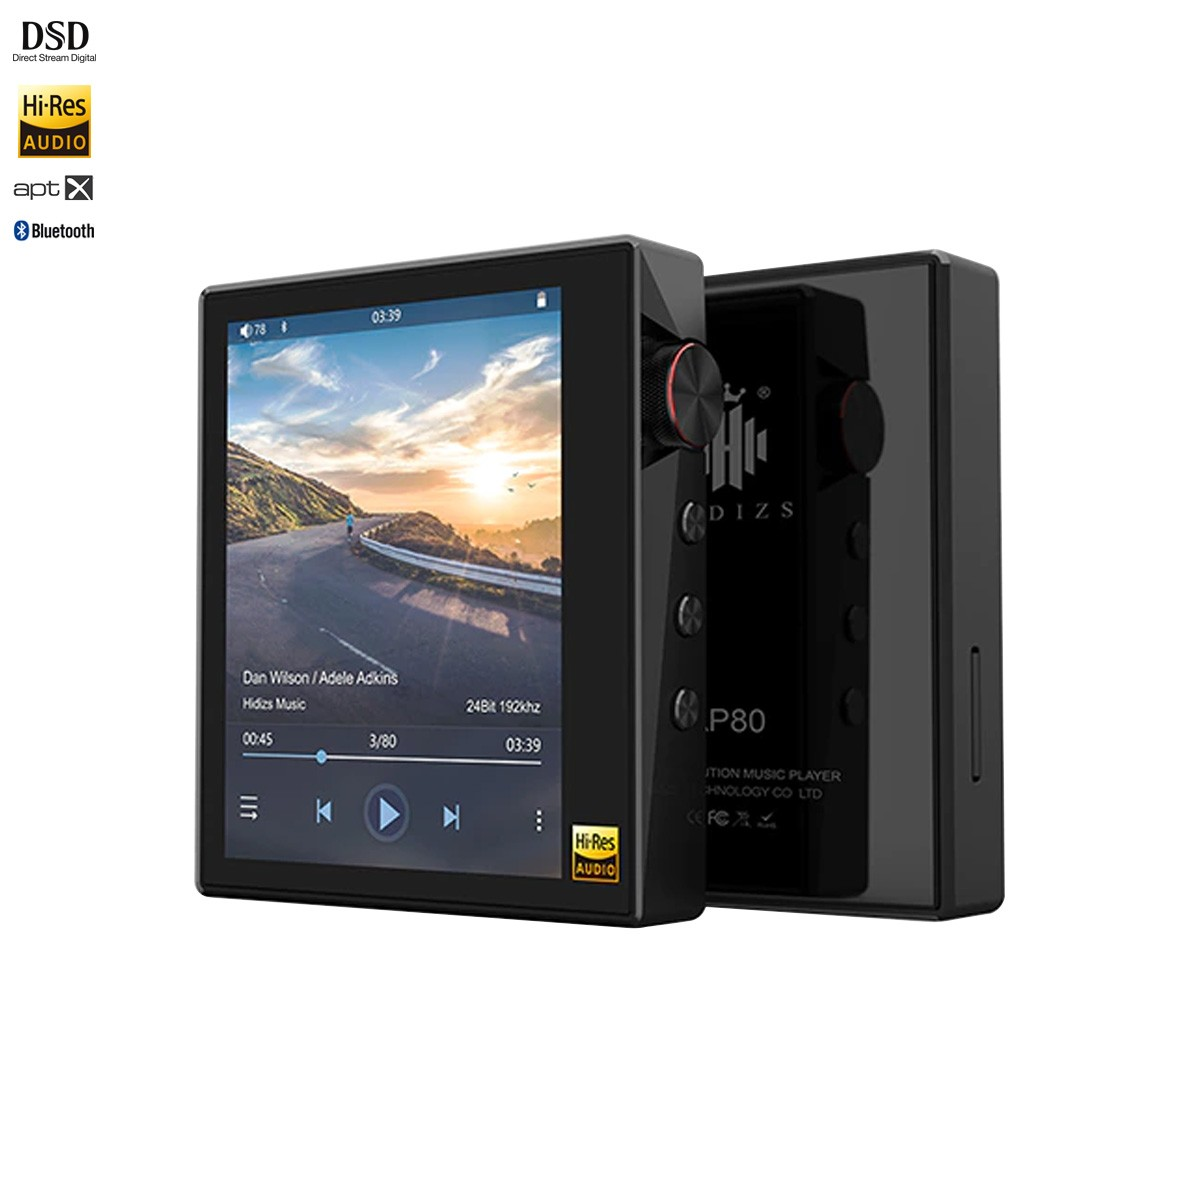 HIDIZS AP80 Baladeur Numérique HiFi DAC ES9218P 32Bit/384kHz DSD Bluetooth aptX Noir